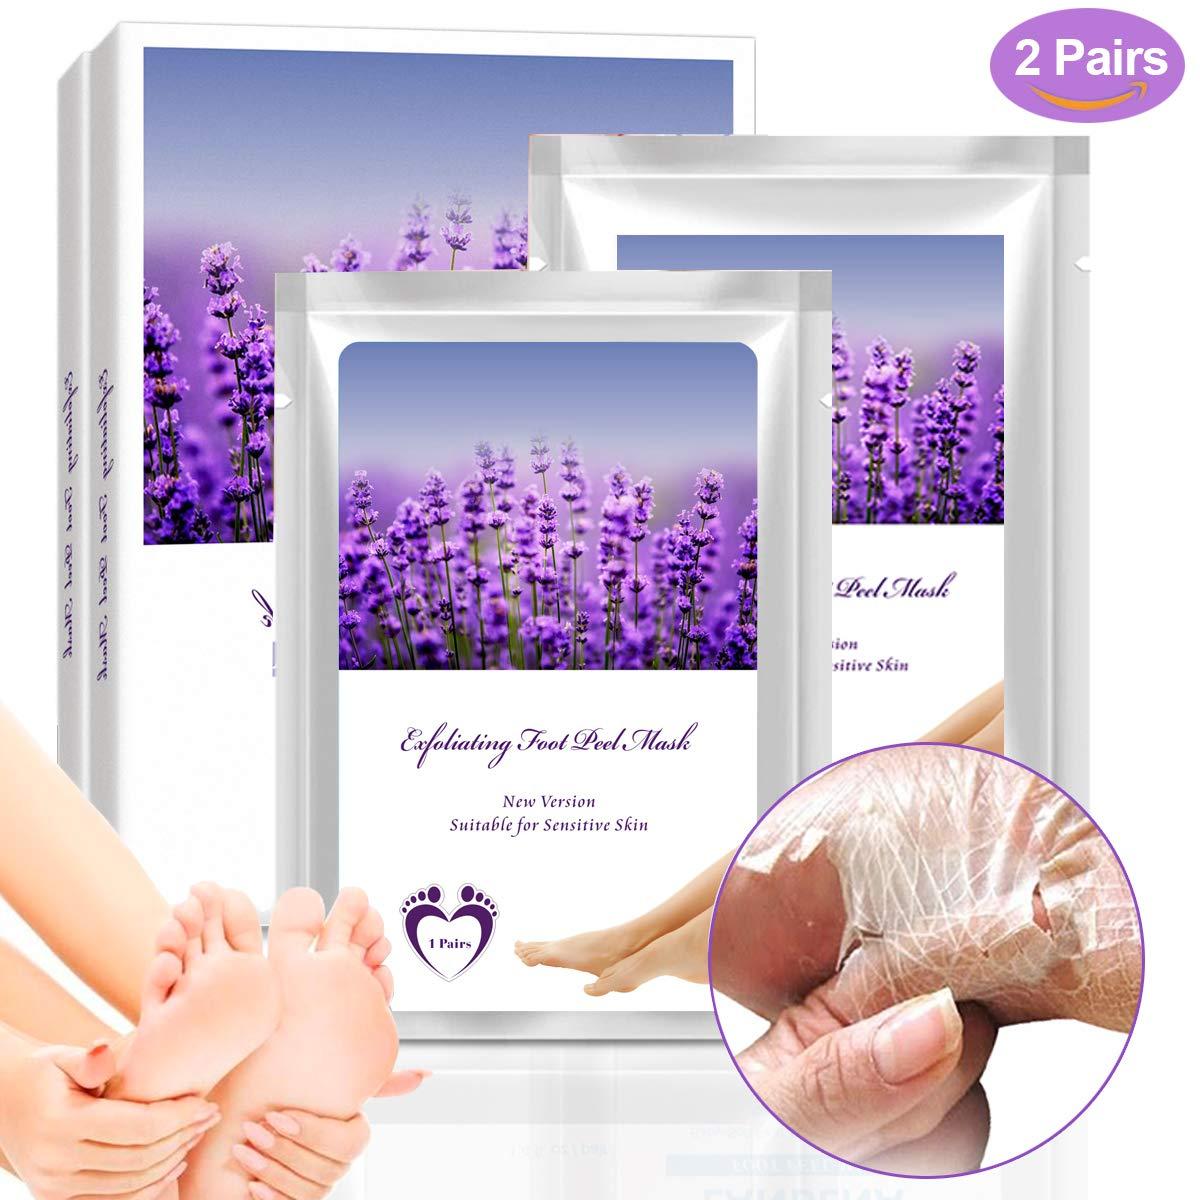 Fuß Peeling Maske Lavendel Fußmaske Hornhaut für Abziehung der Hornschwiele und Toter Haut-Zellen in 7 Tagen,Fußpflege mit 2 Paar Peeling Feuchtigkeitsspendende Socken UUCOLOR HZP10008QA